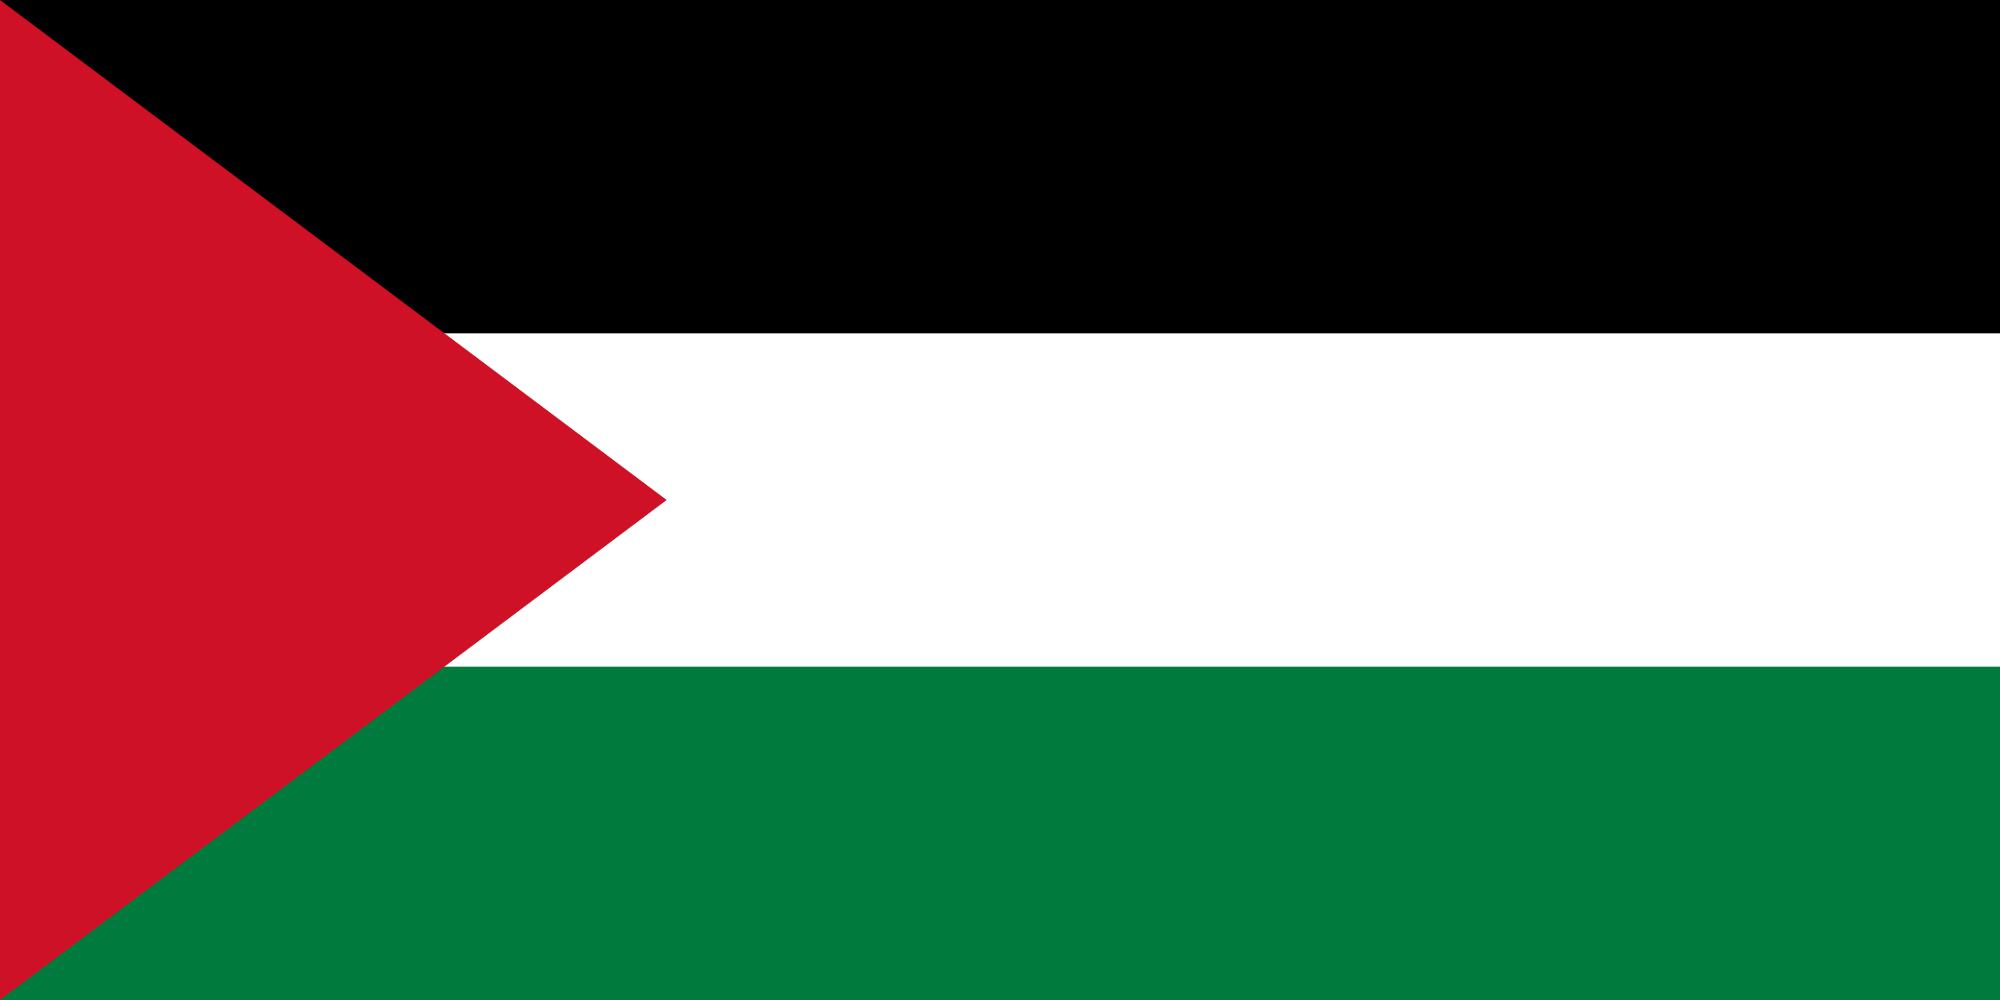 palestina, Land, Emblem, Logo, Symbol - Wallpaper HD - Prof.-falken.com